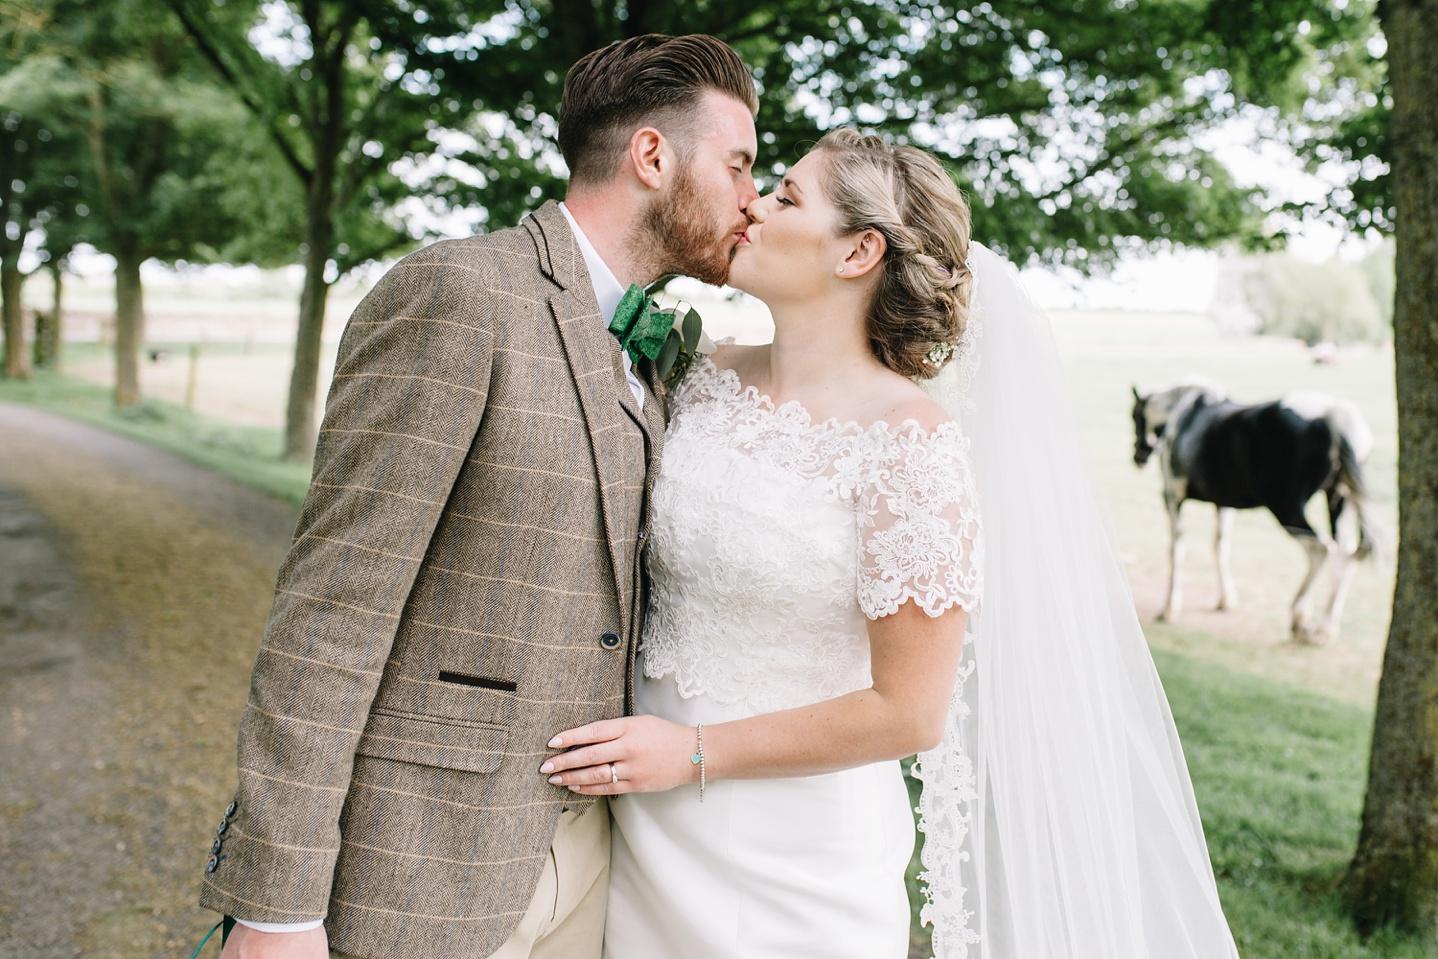 Oxleaze-Barn-Wedding-Photographer_0091.jpg